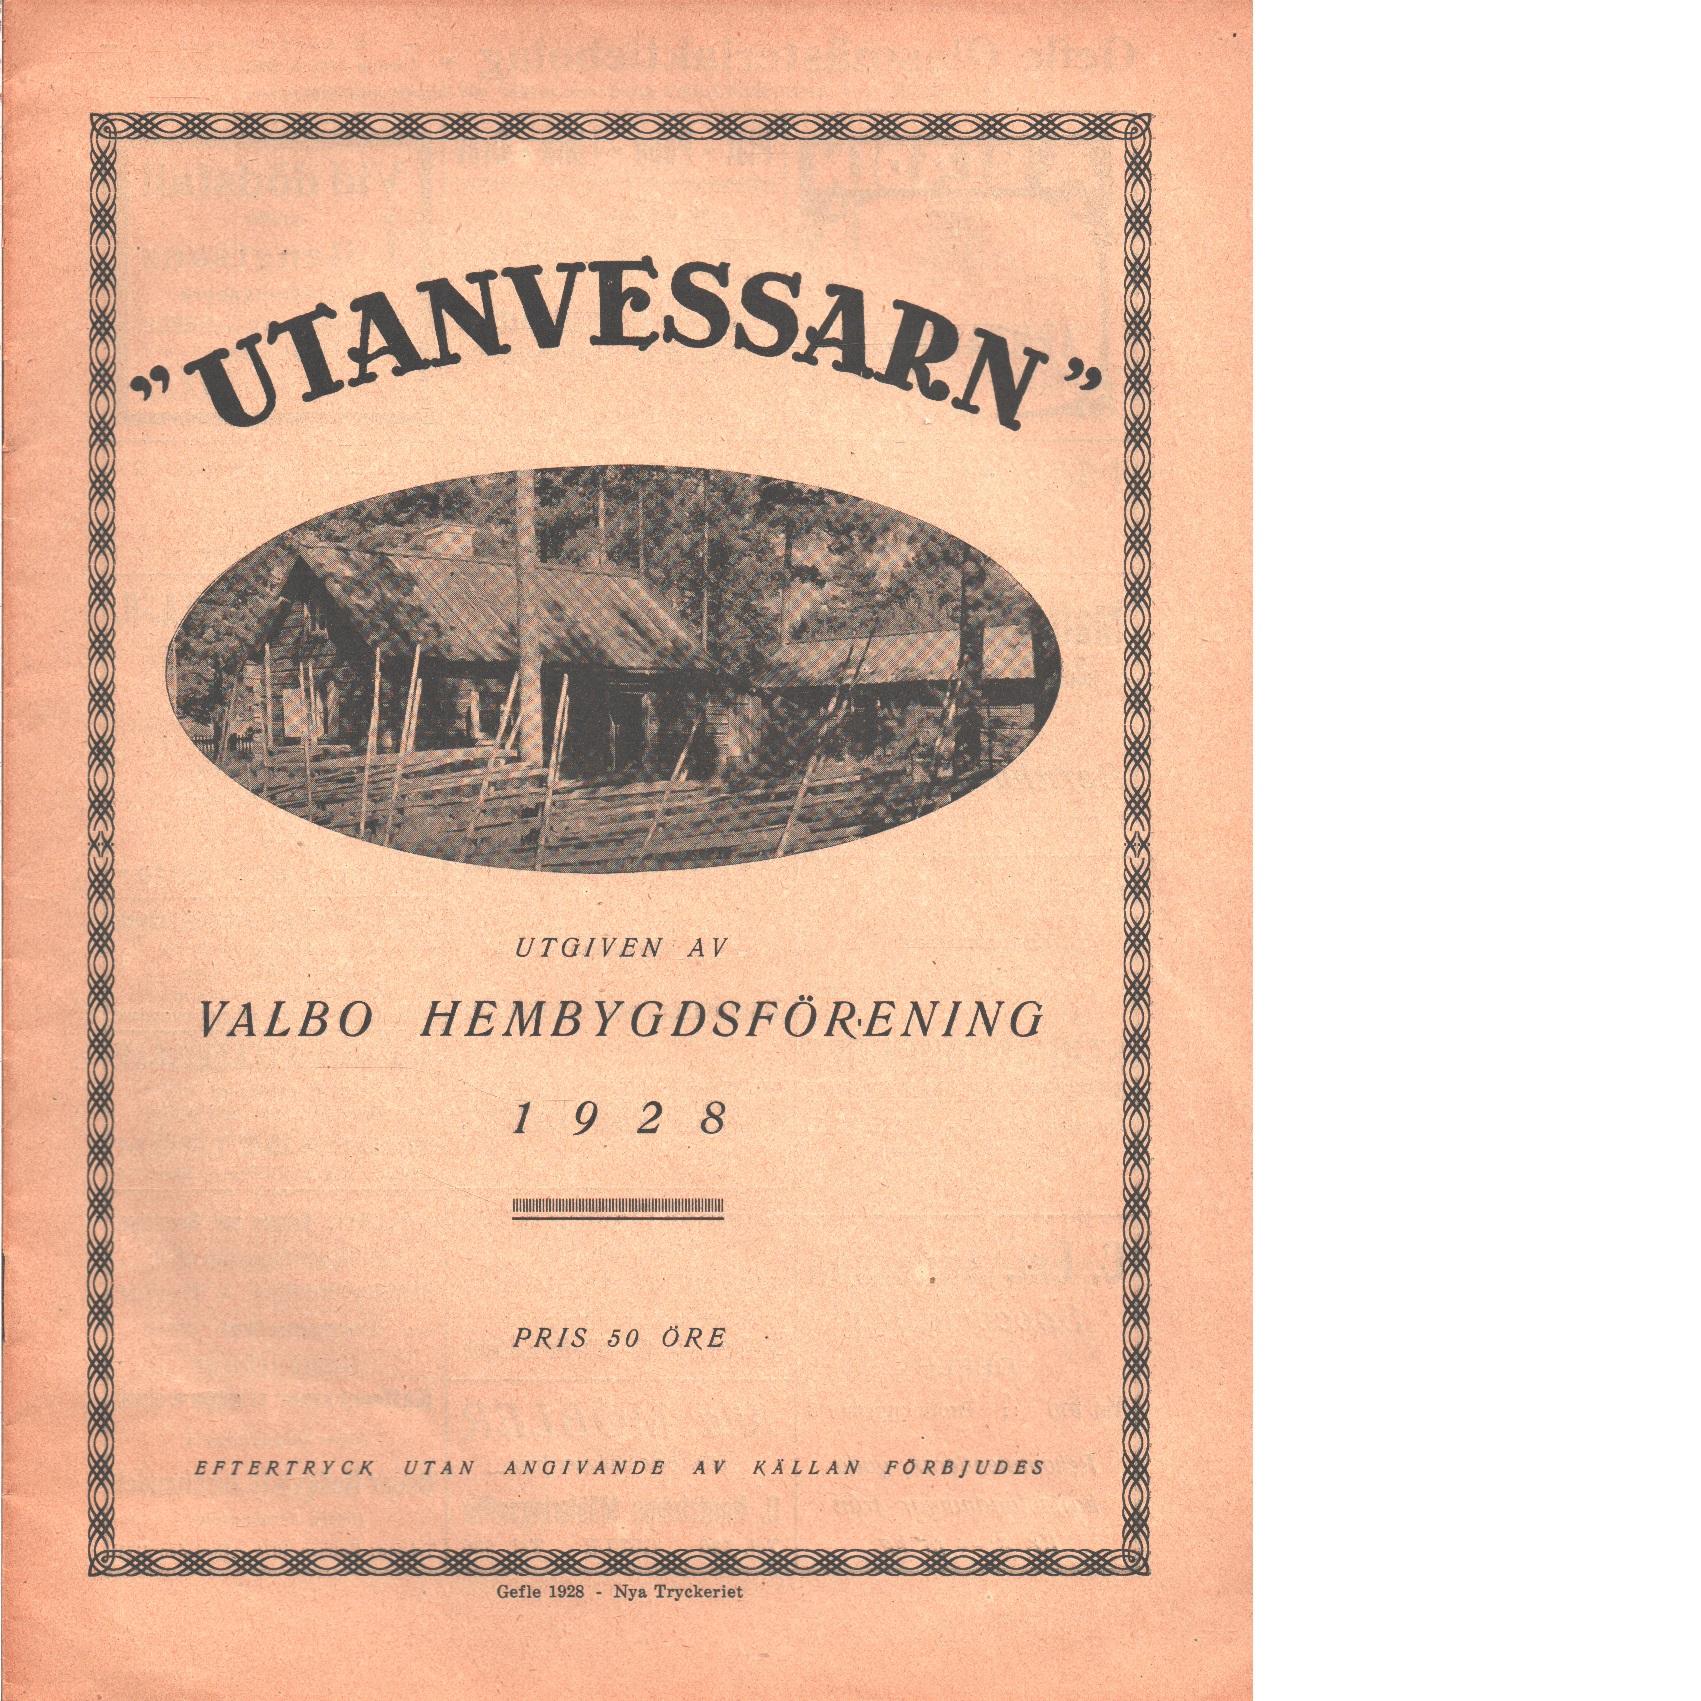 Utanvessarn  1928 - Red. Valbo hembygdsförening